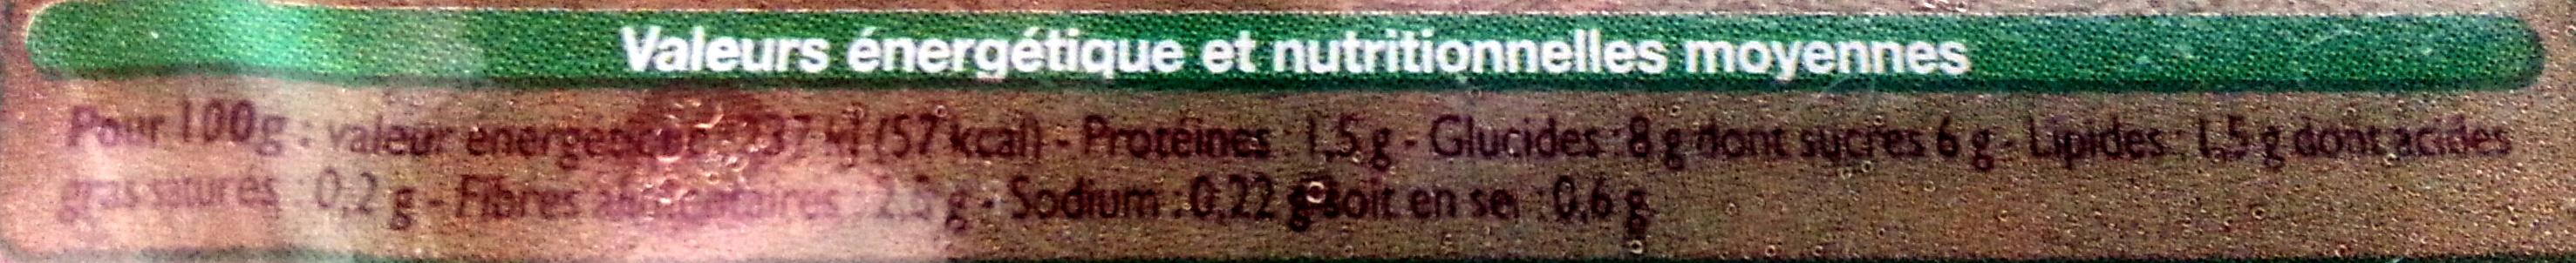 Betteraves rouges à la moutarde à l'ancienne - Informations nutritionnelles - fr